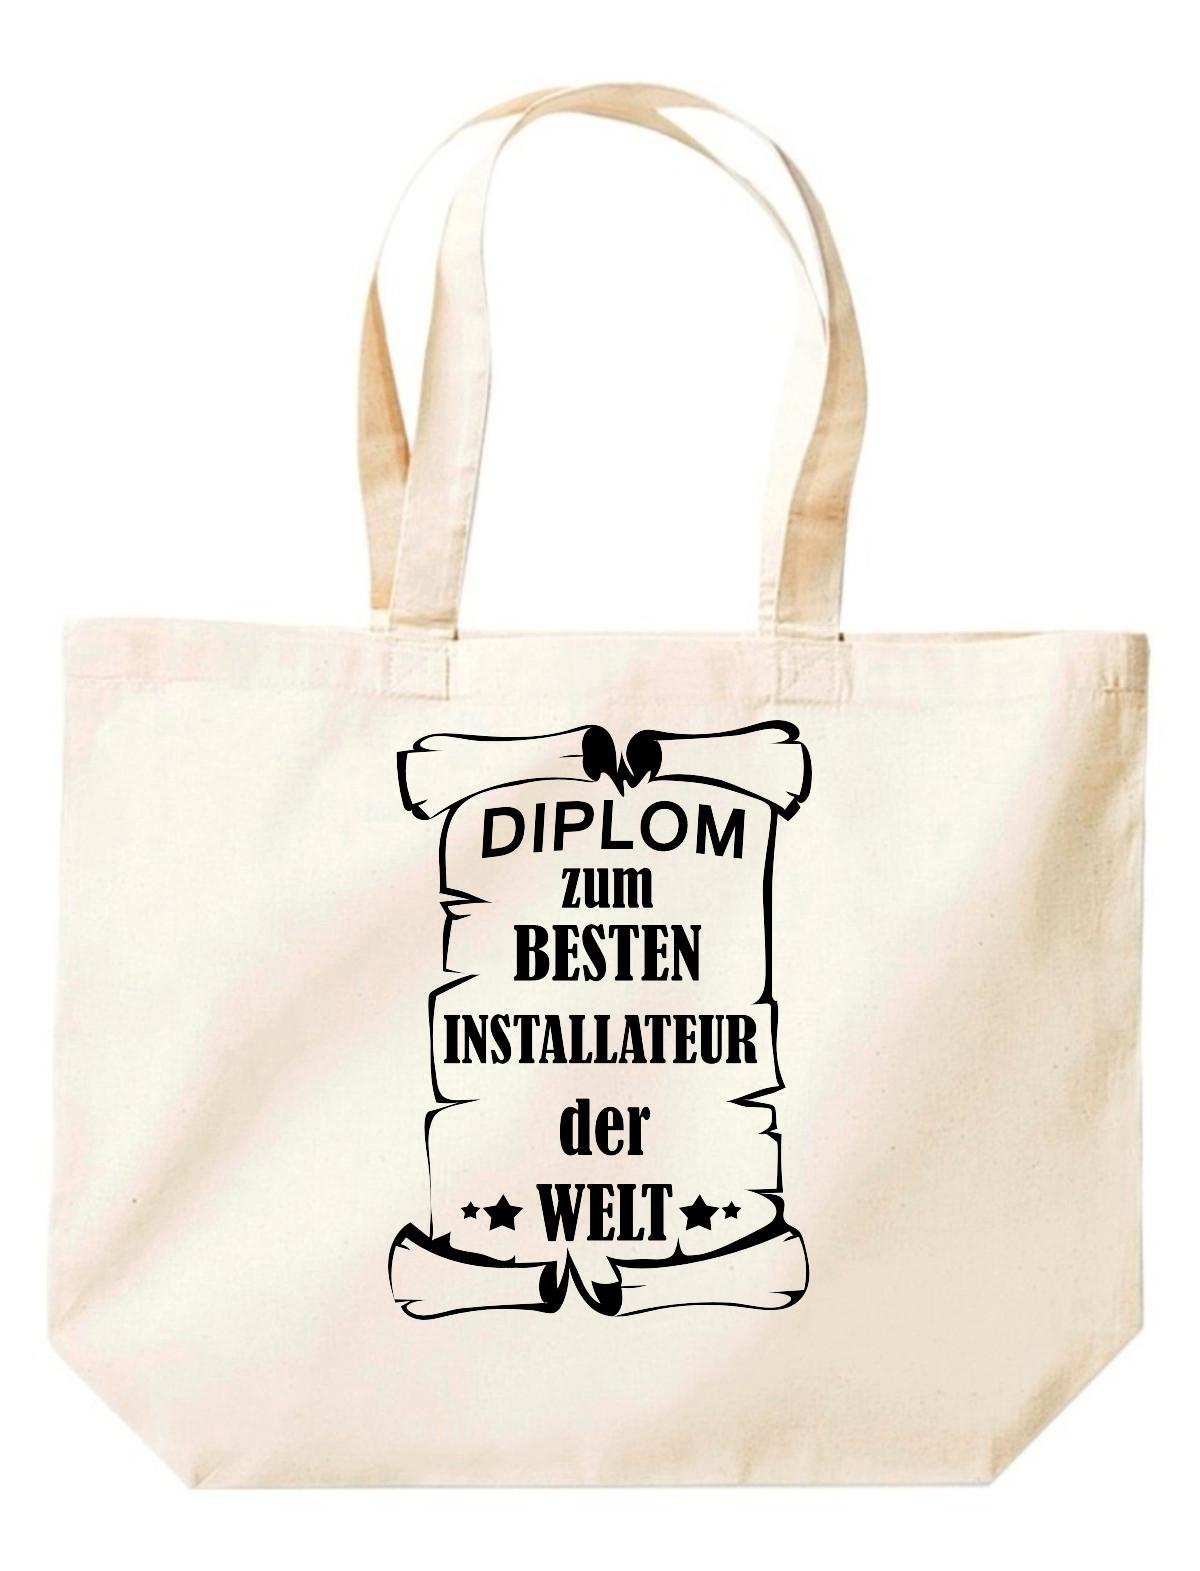 große Einkaufstasche, Diplom zum besten Installateur der Welt,